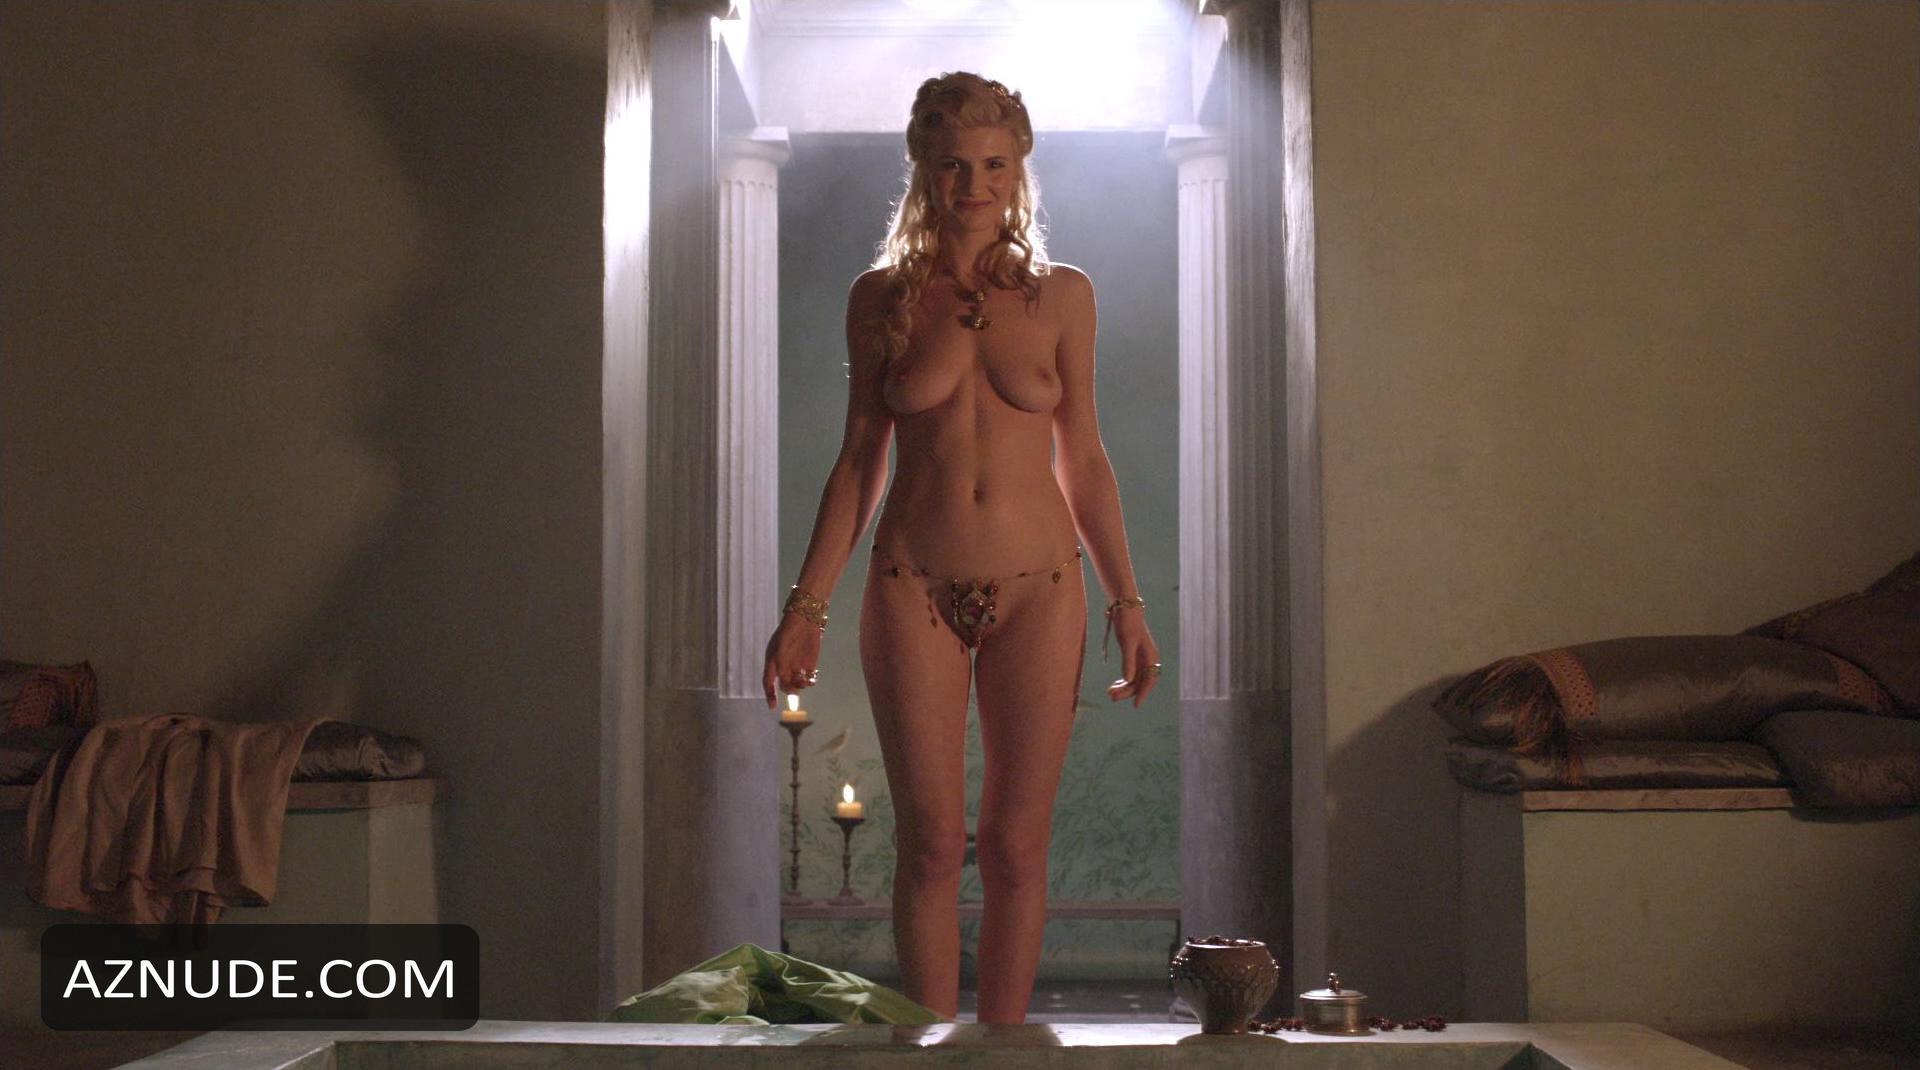 Hayley orrantia porno